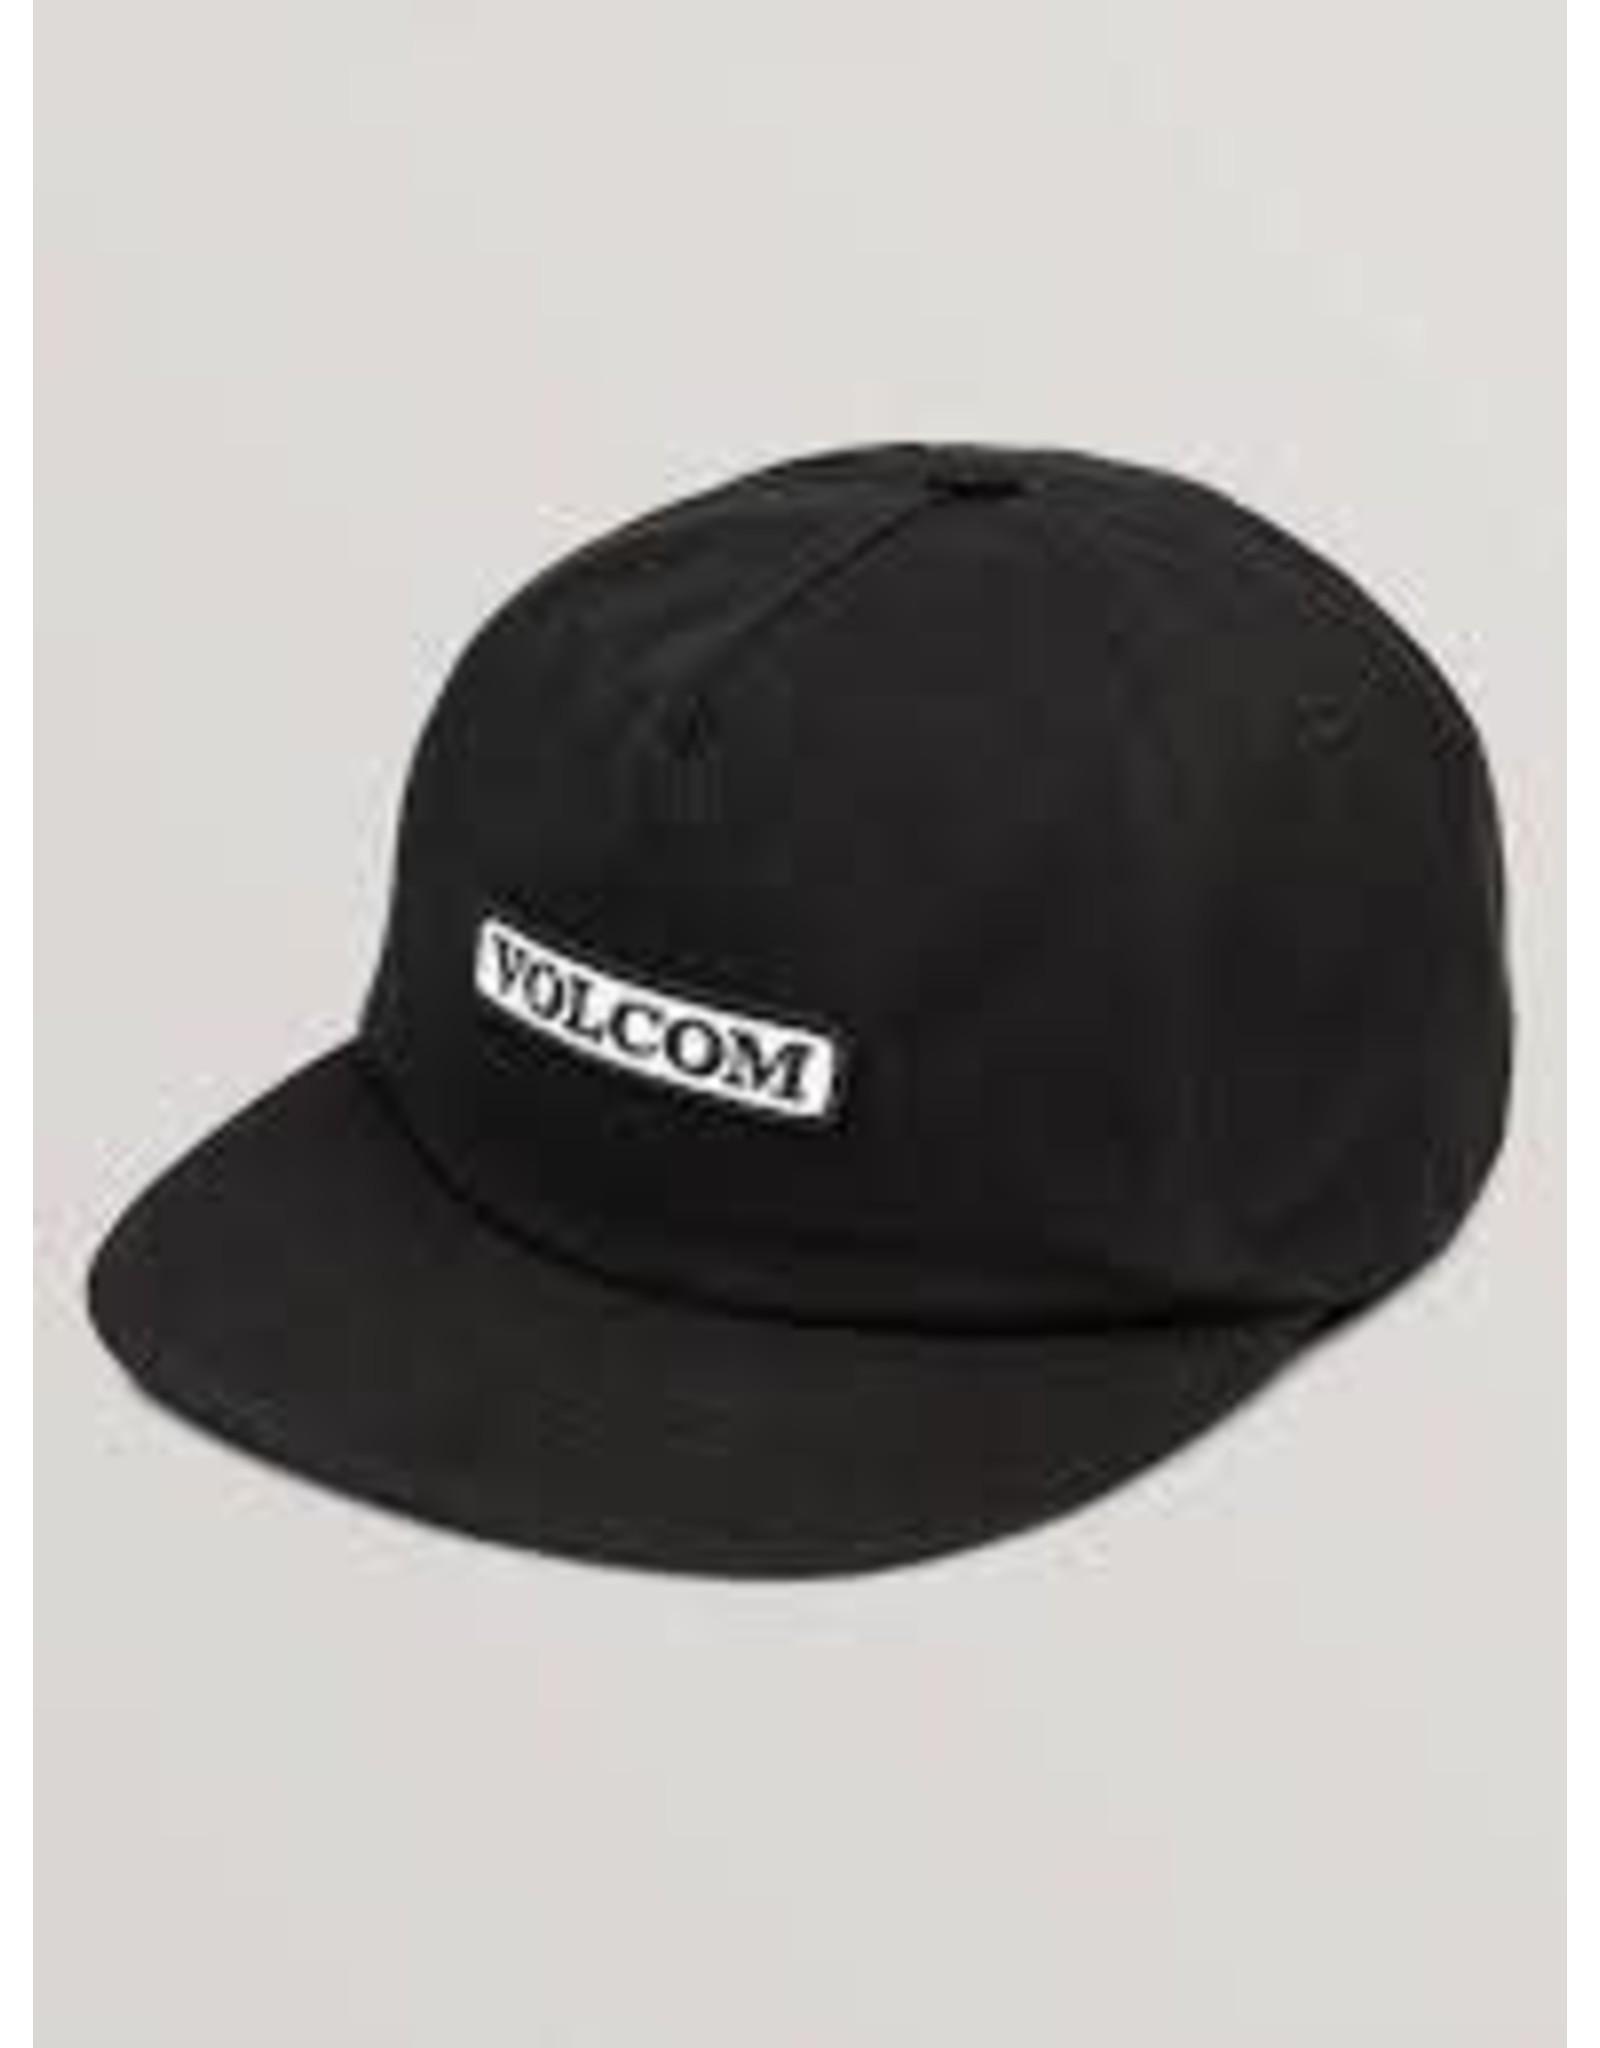 volcom Volcom - casquette crowd control